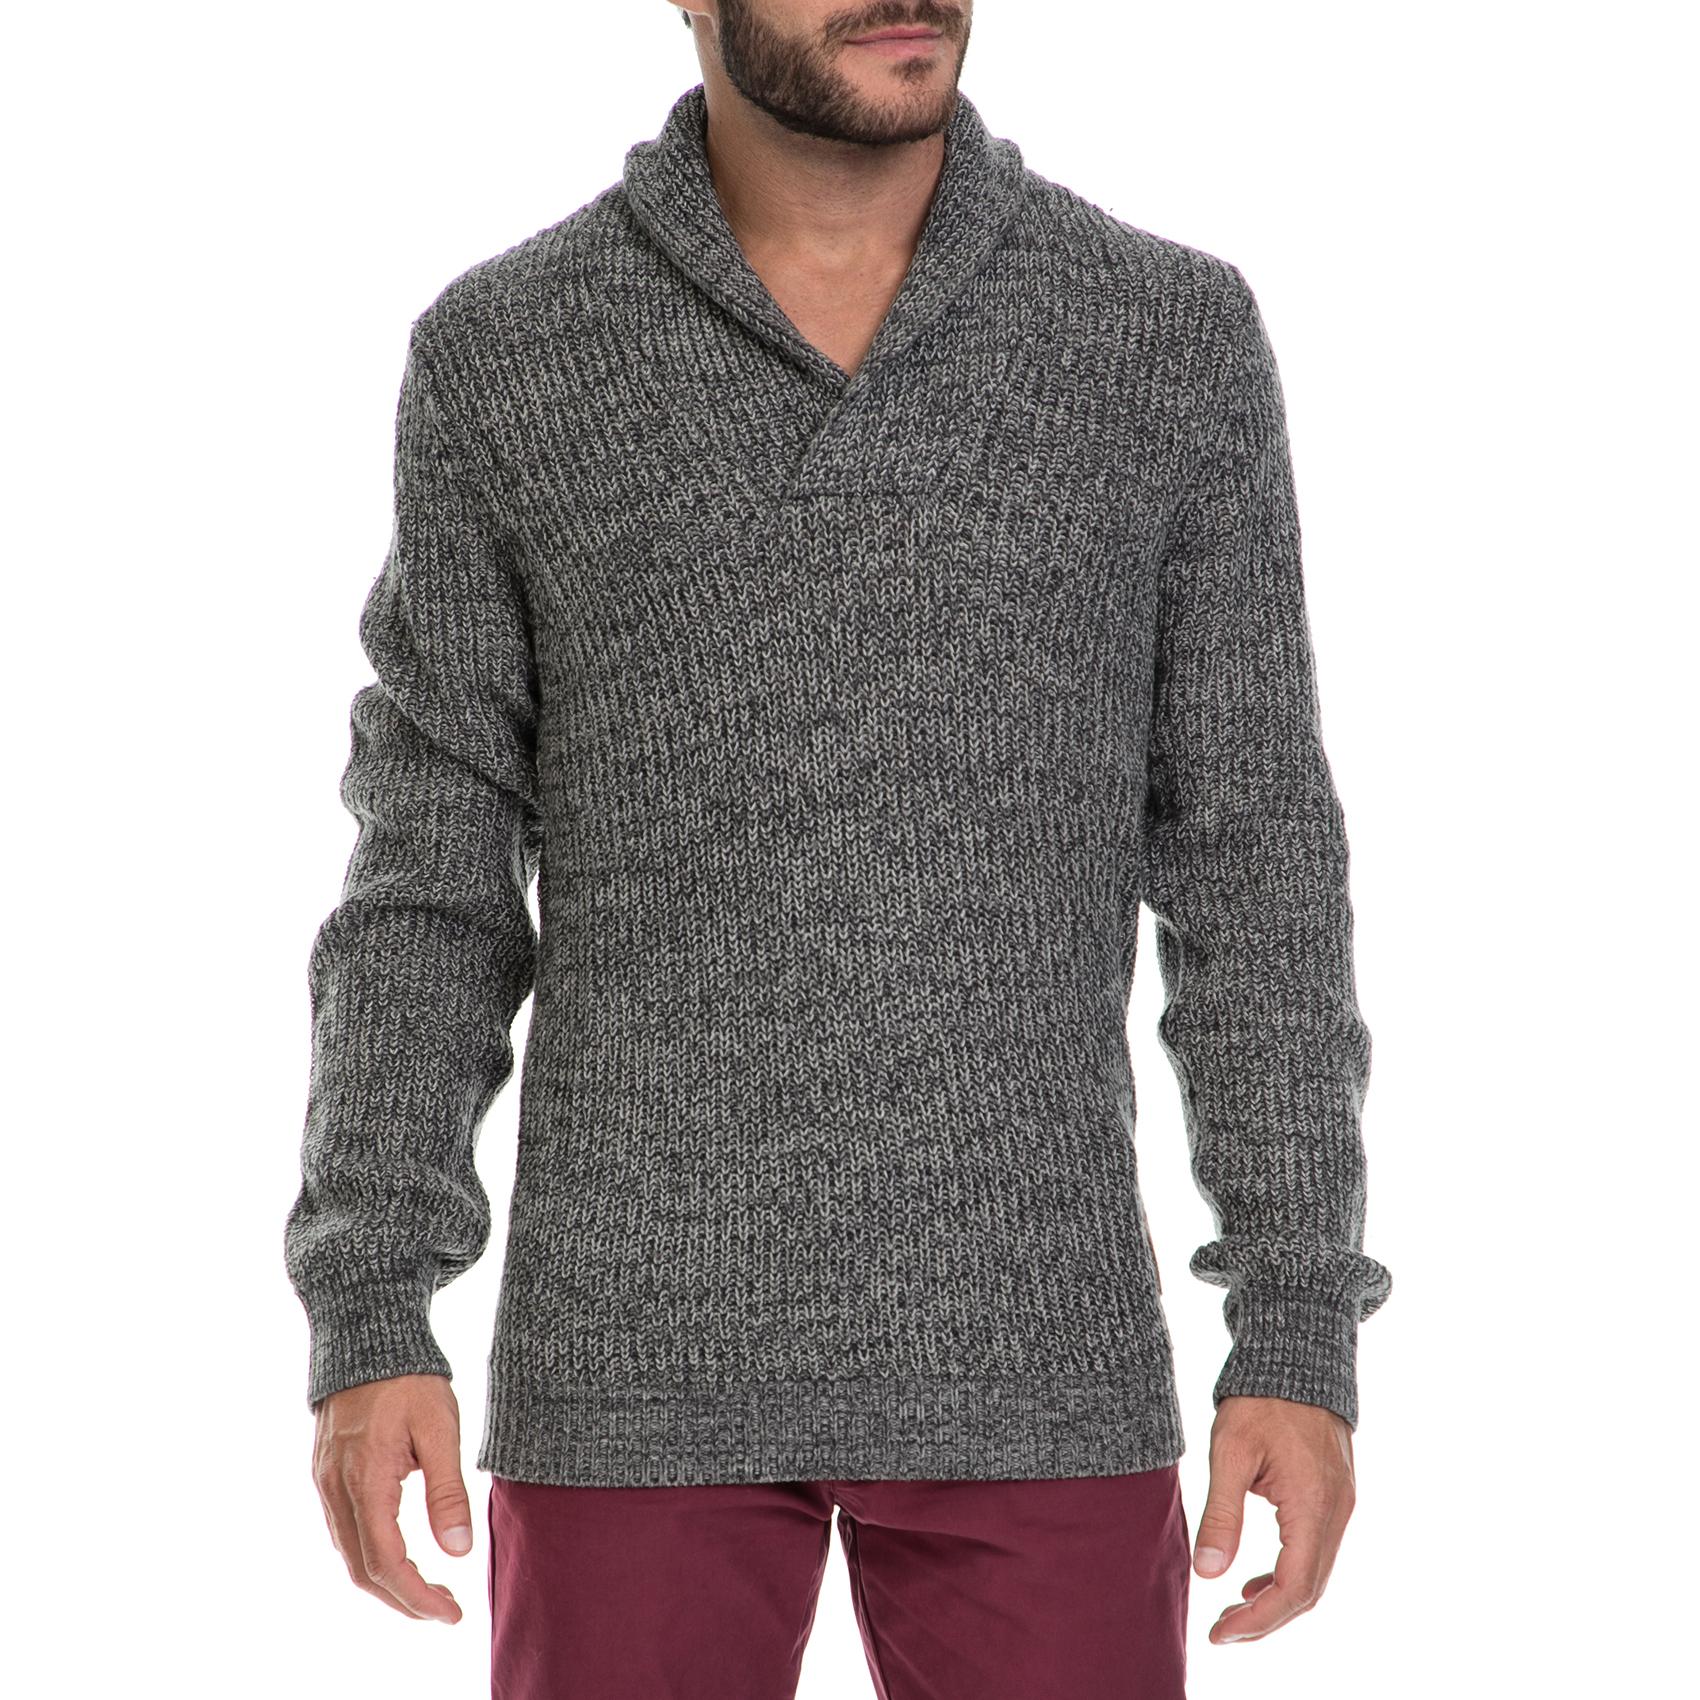 fa1312af0efd Ανδρικά   Ρούχα   Πλεκτά   Μπλούζες   GREENWOOD - Ανδρικό πουλόβερ ...